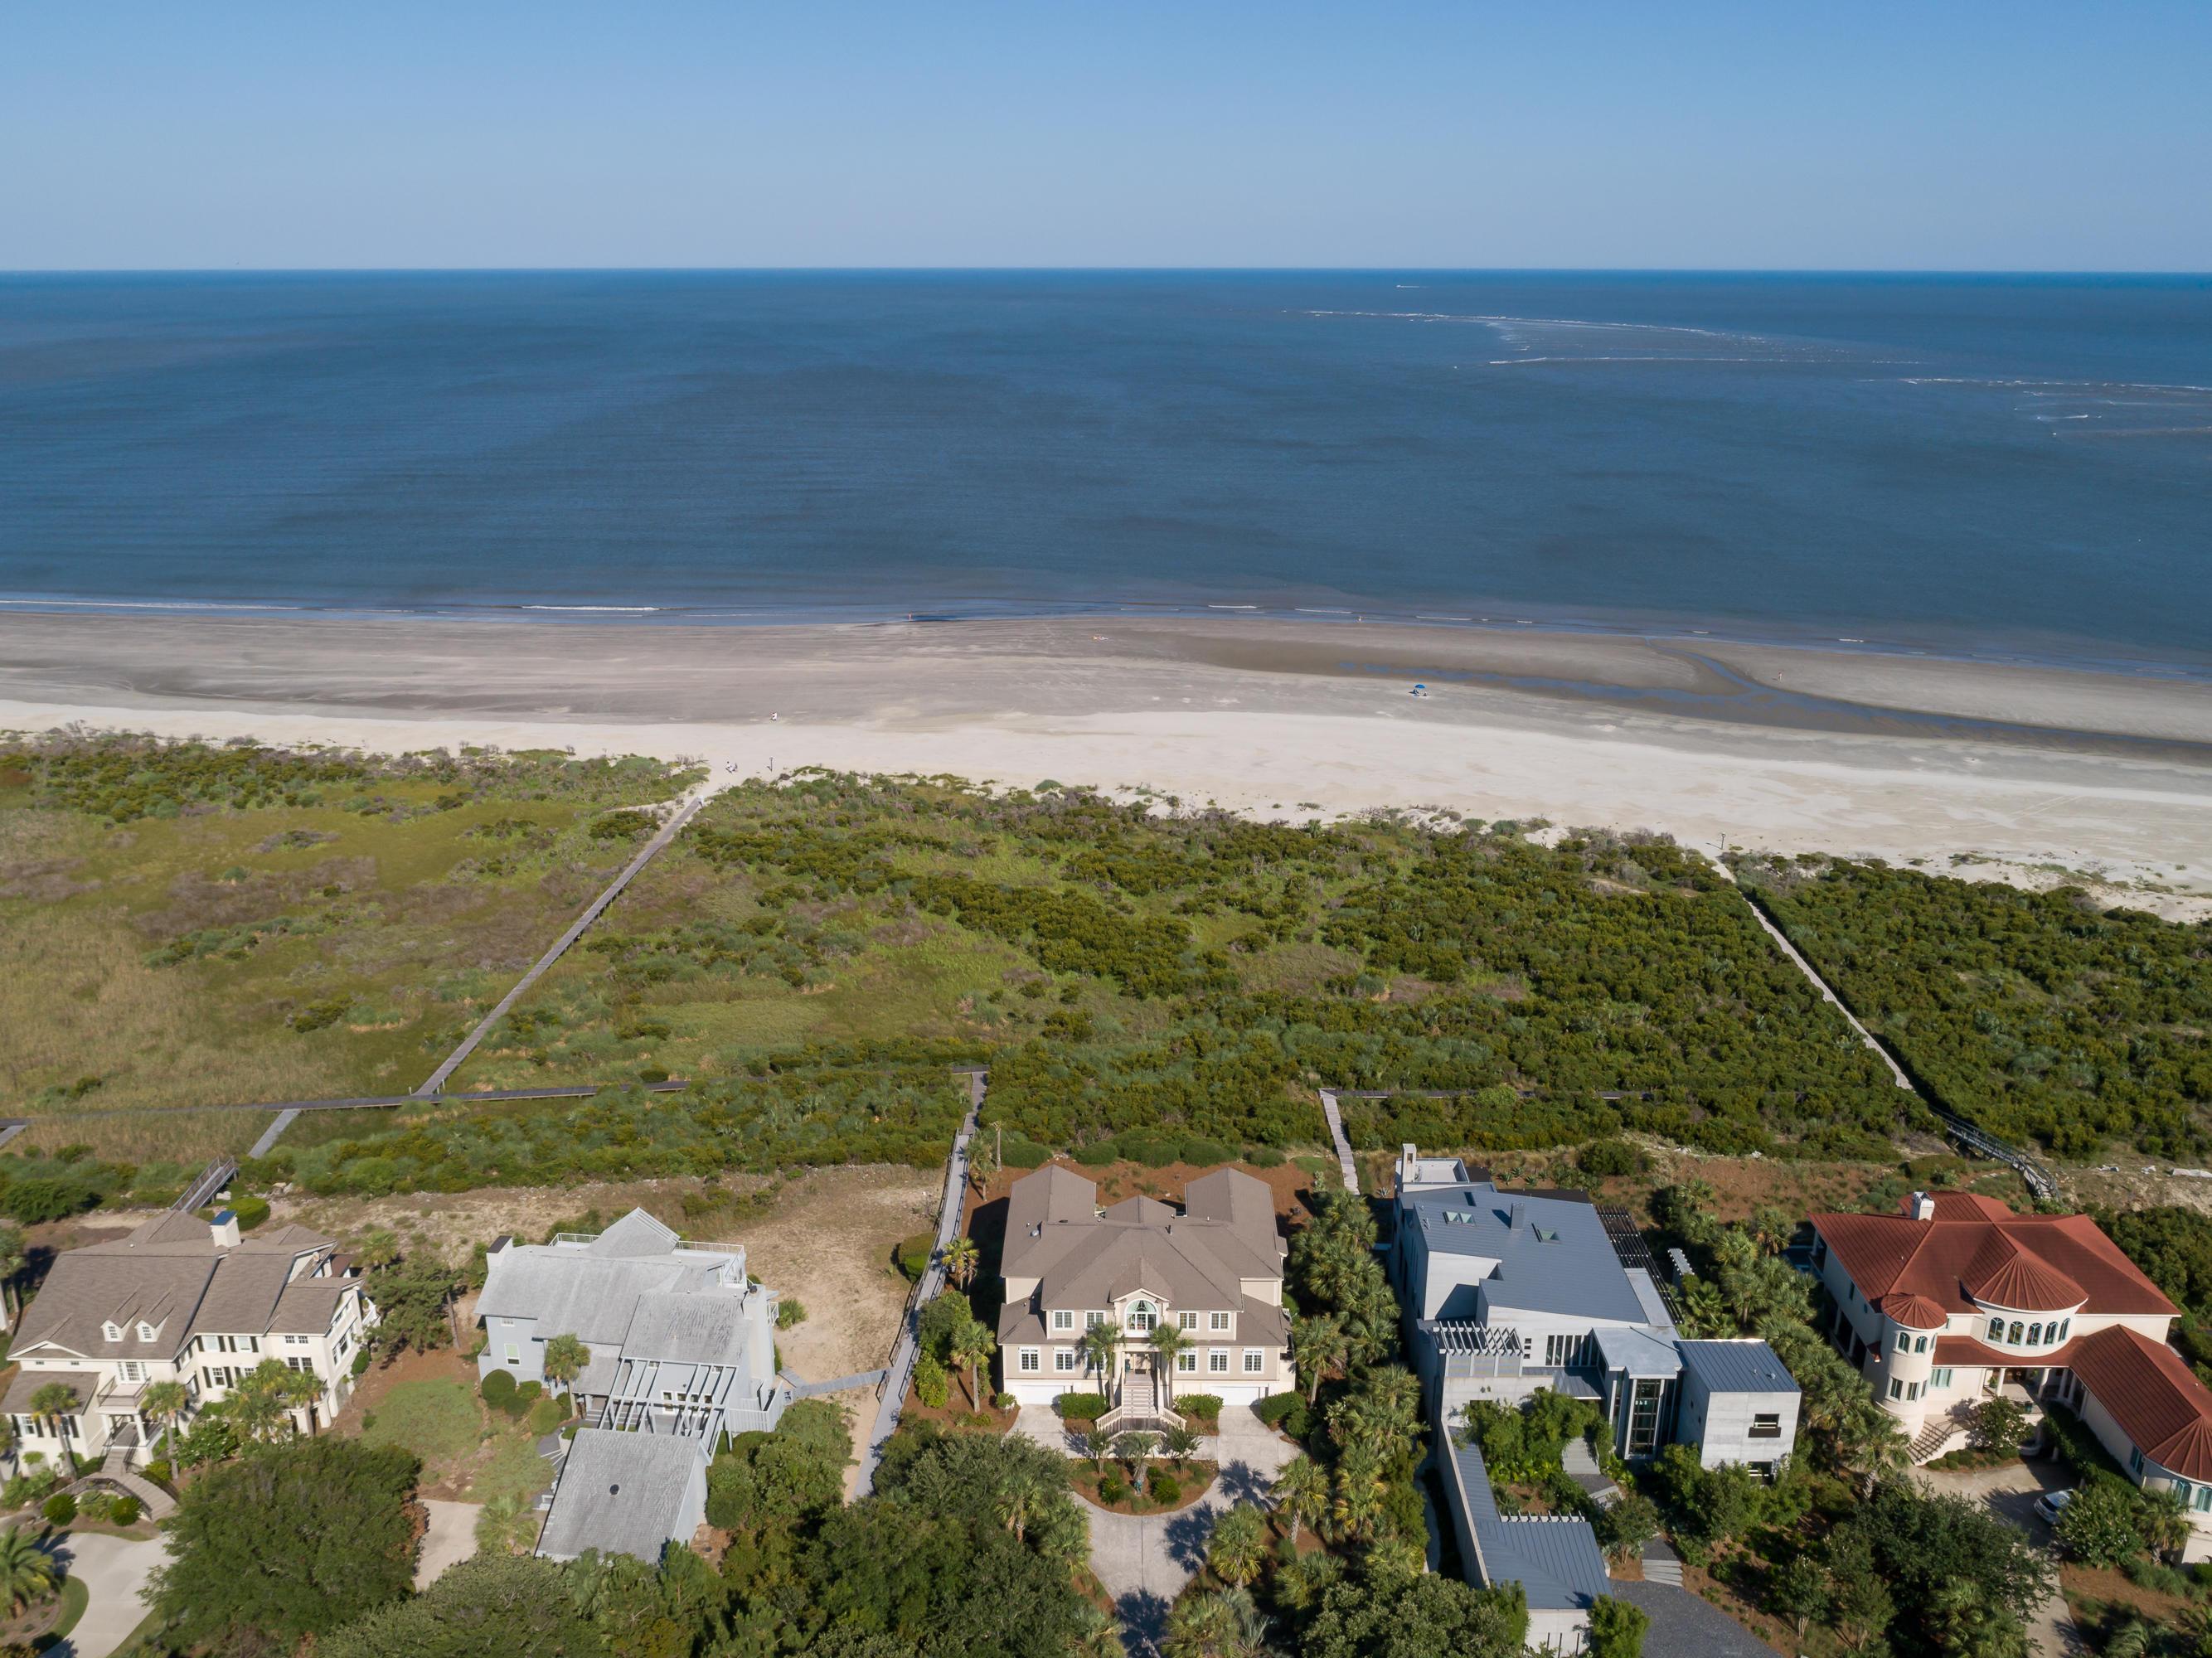 Seabrook Island Homes For Sale - 3640 Pompano, Seabrook Island, SC - 75